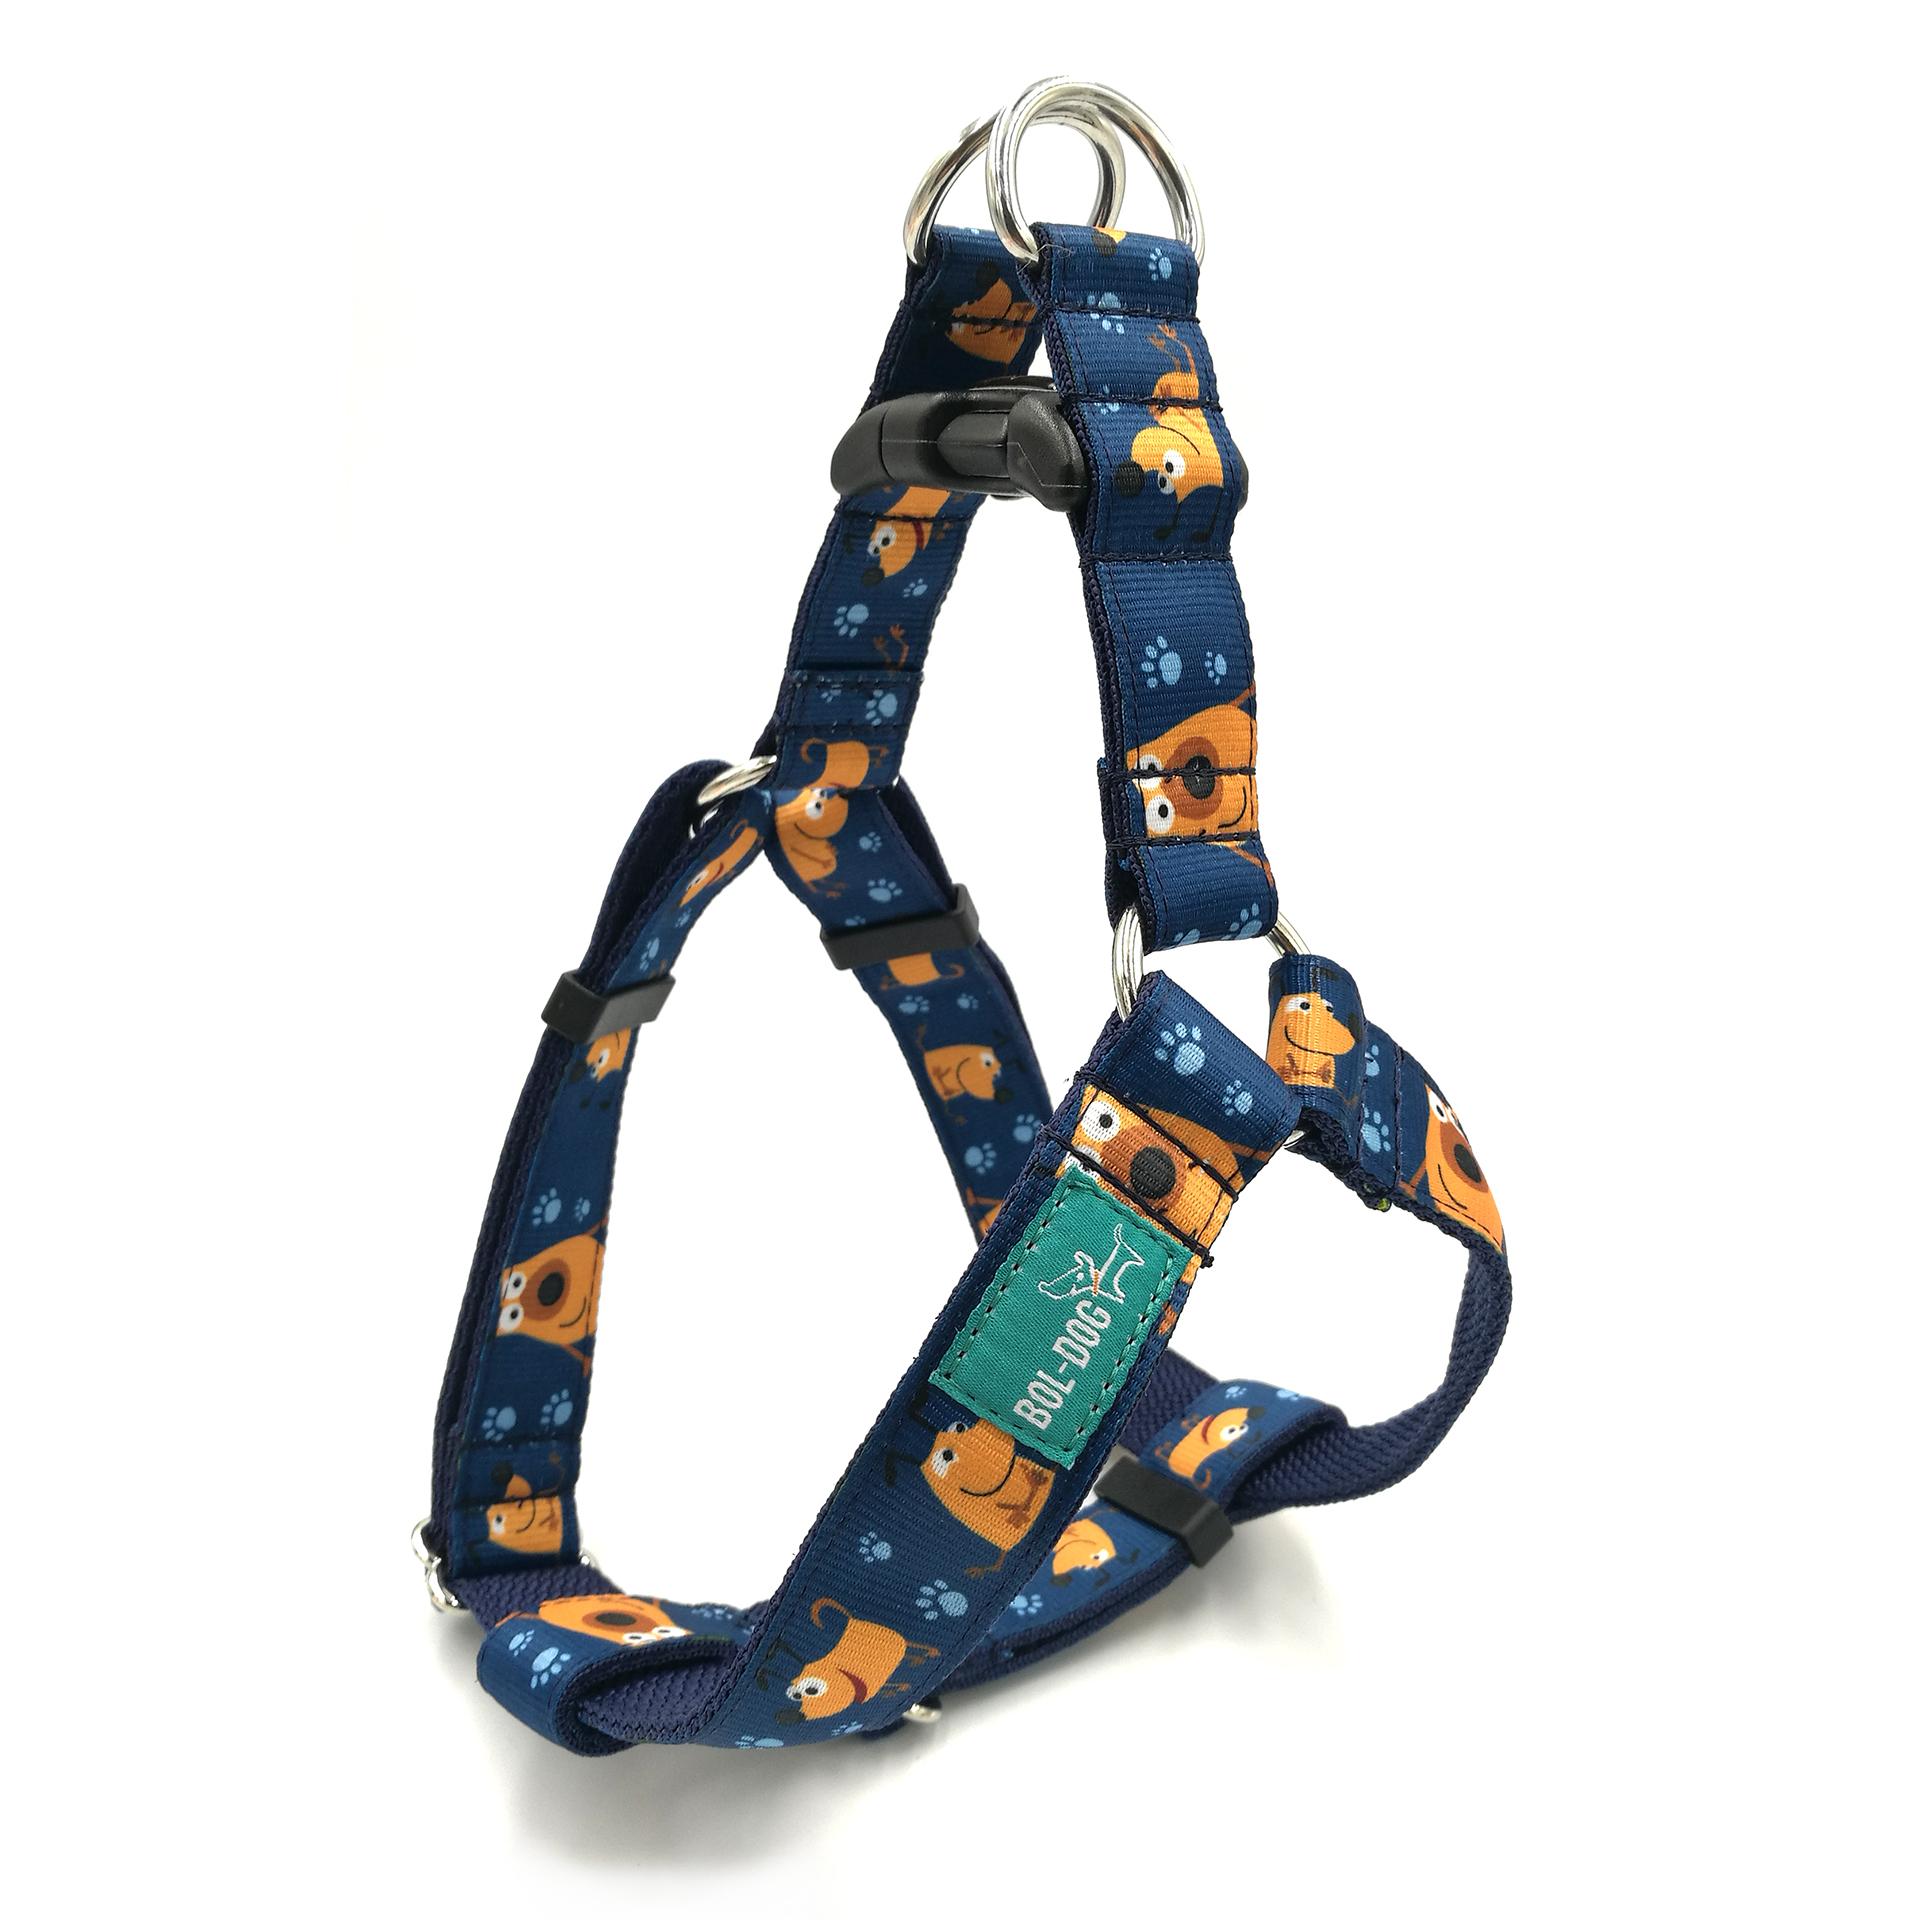 Foodie dog harness